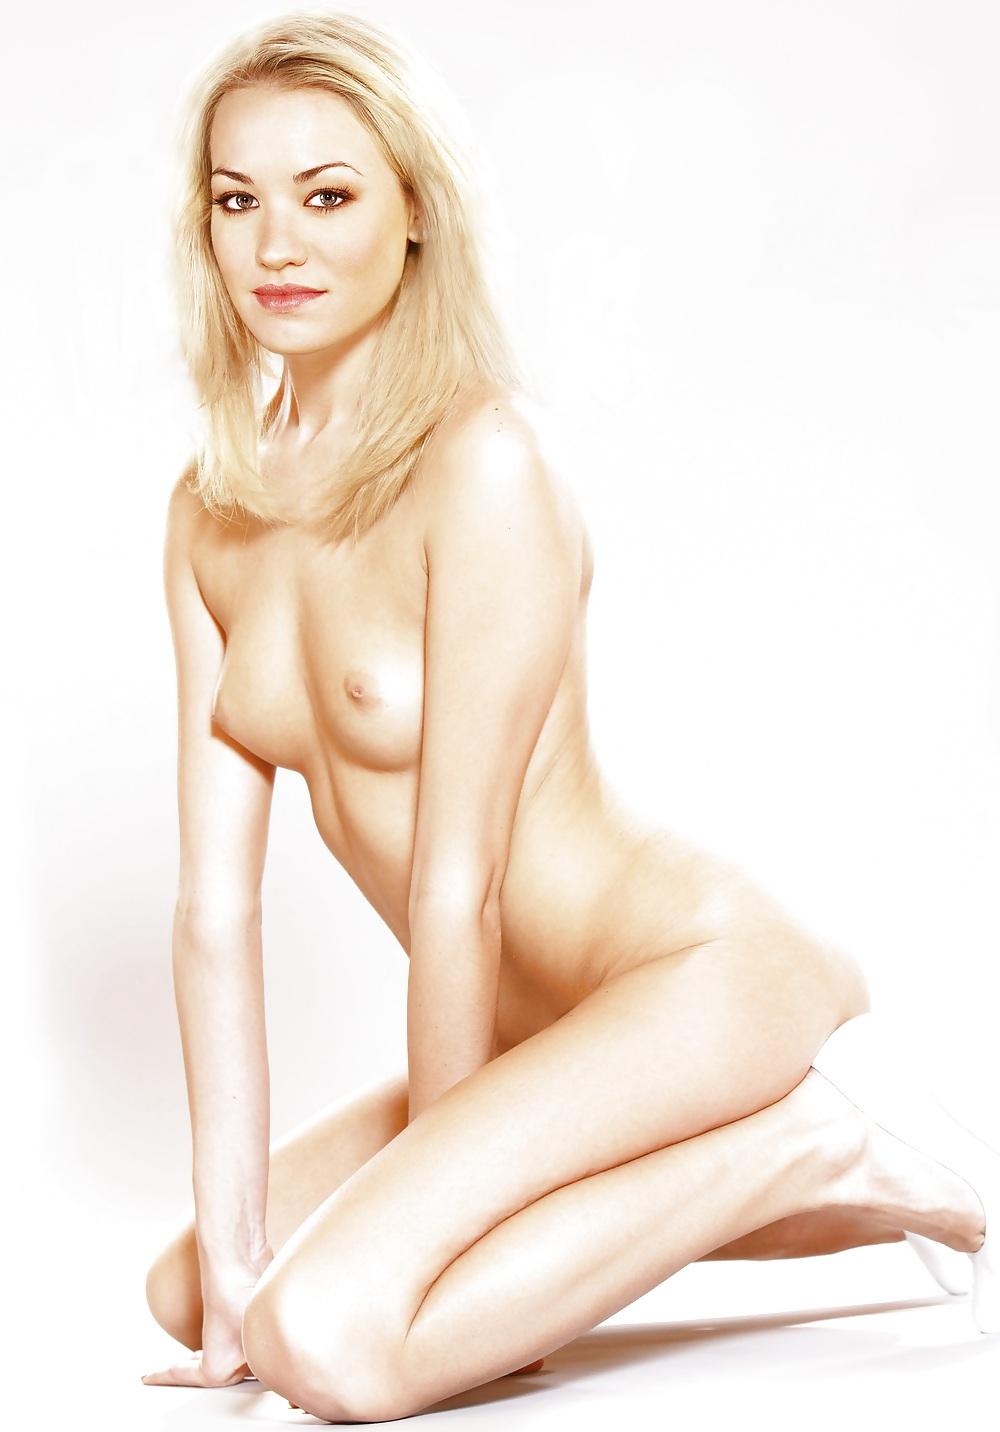 Yvonne strahovski nude fakes